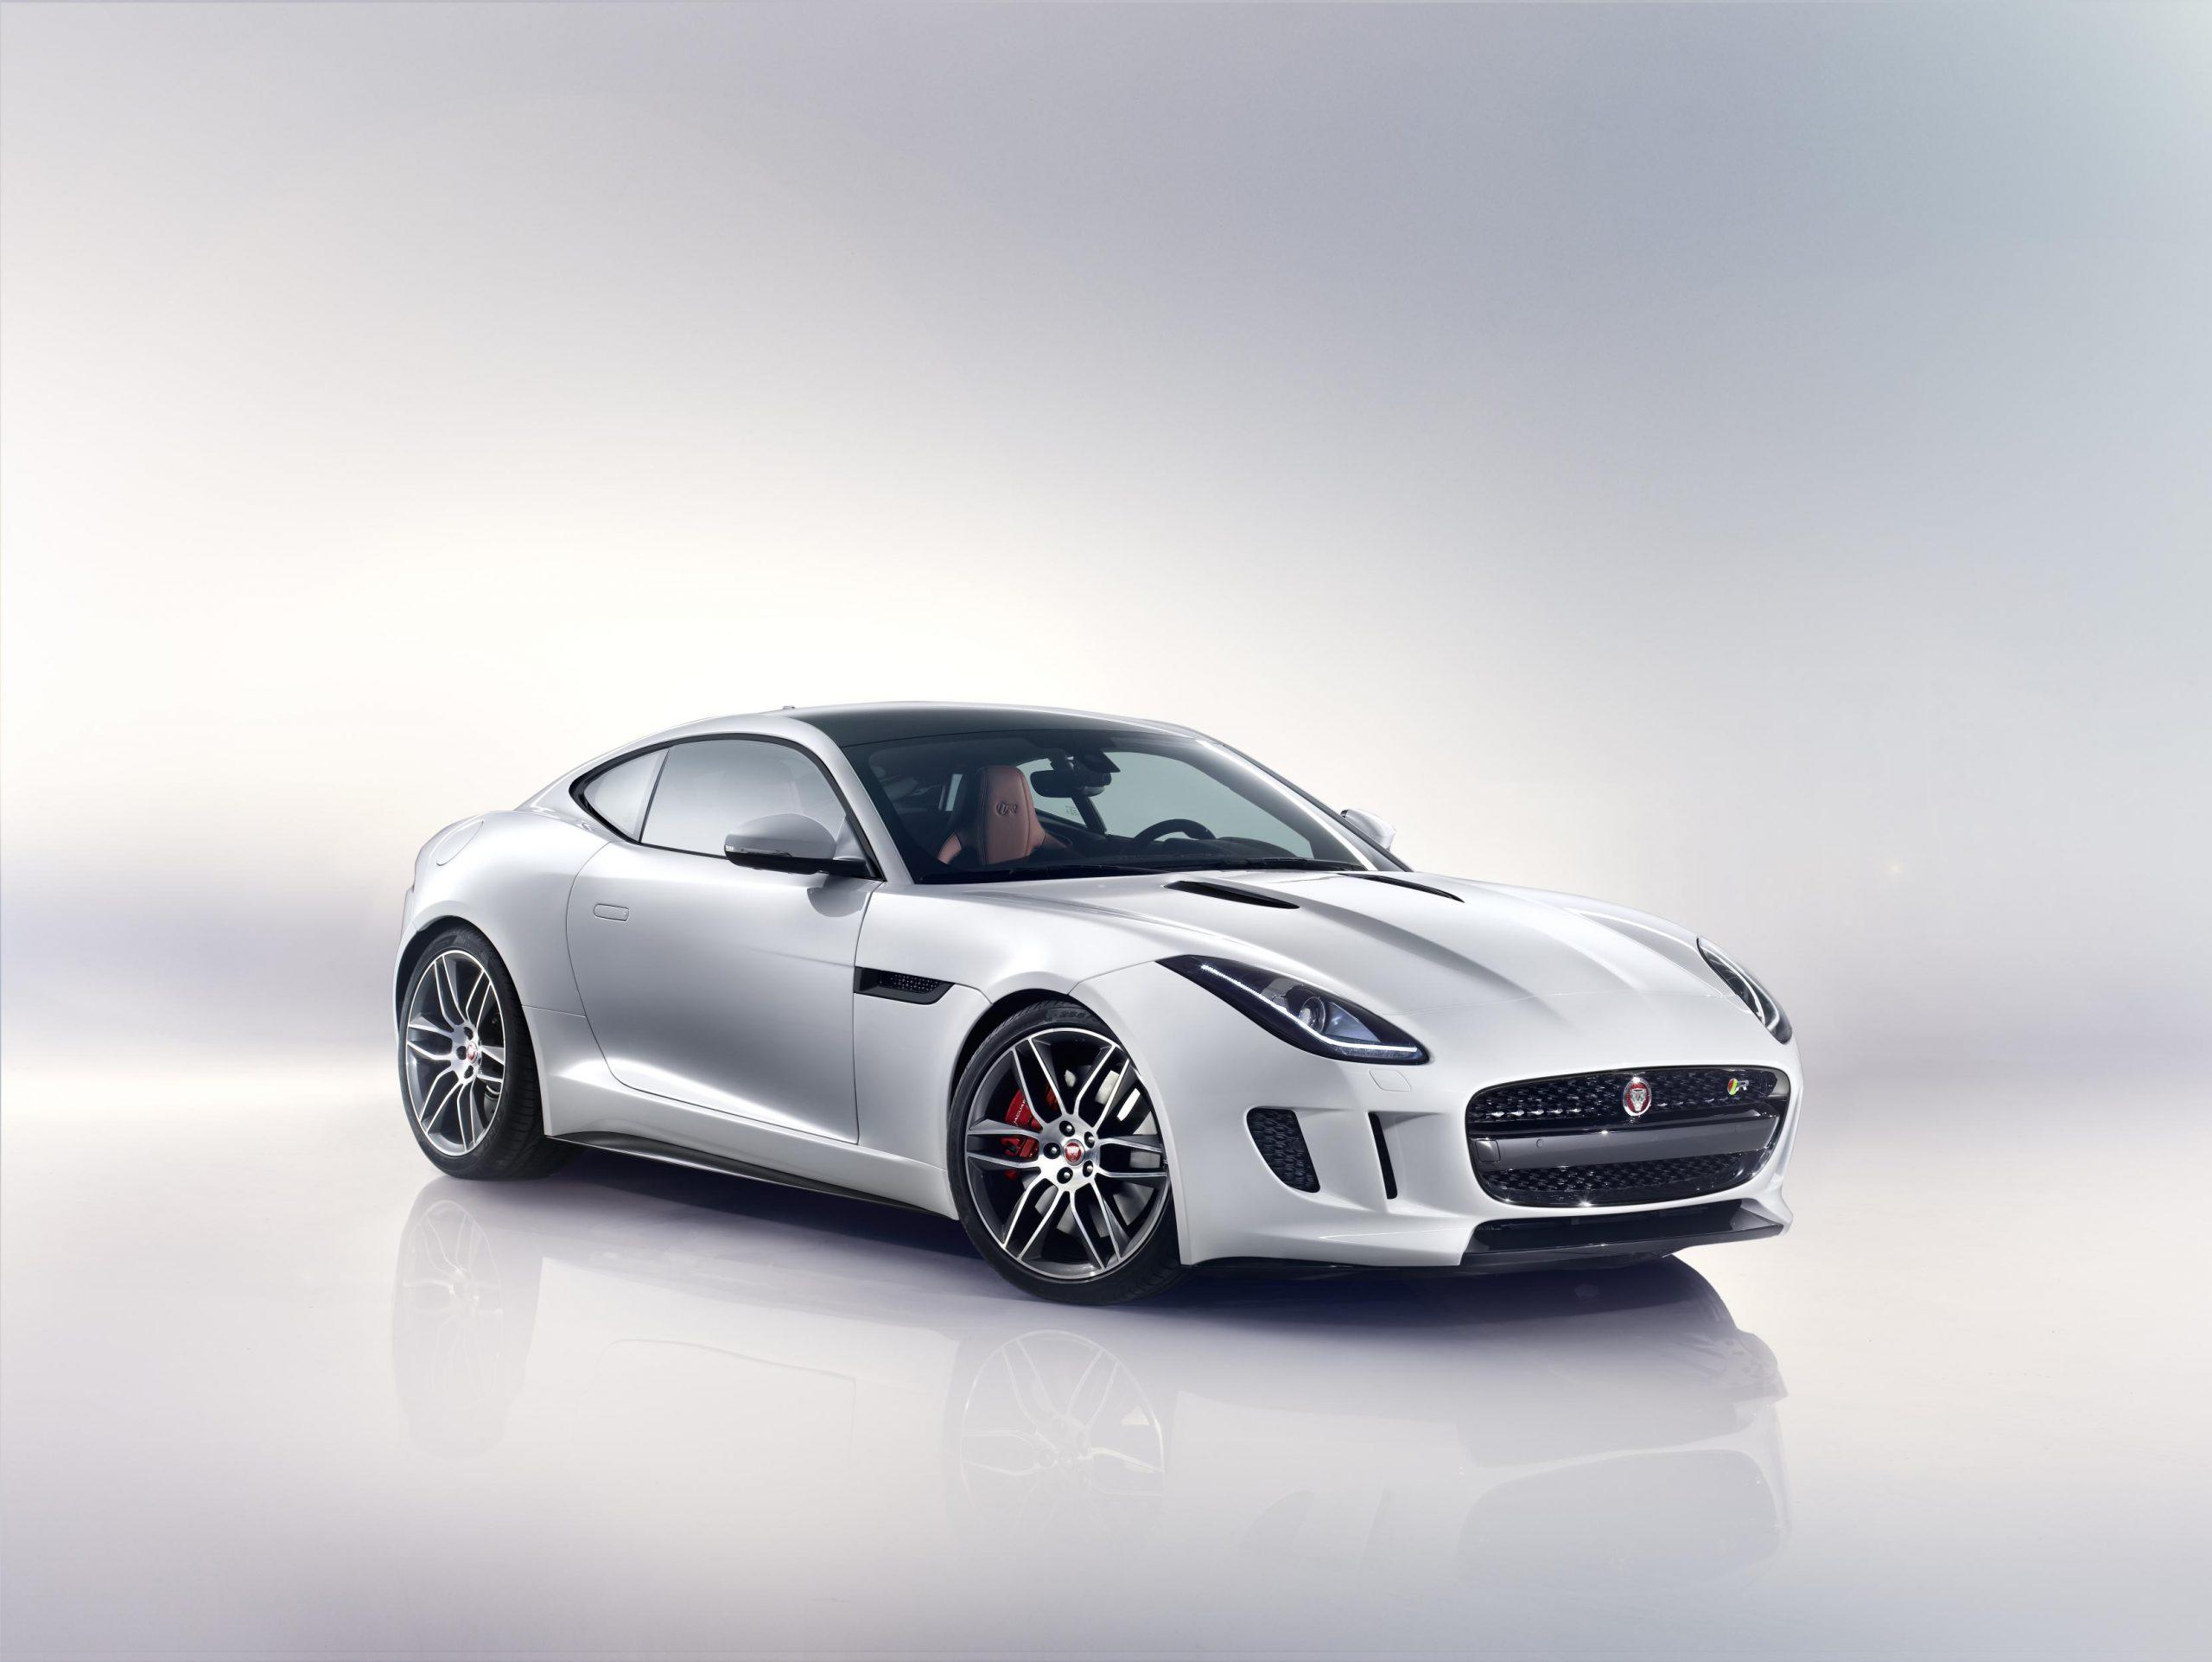 Jaguar F-Type Coupe Uncaged: Latest News – Surf4cars